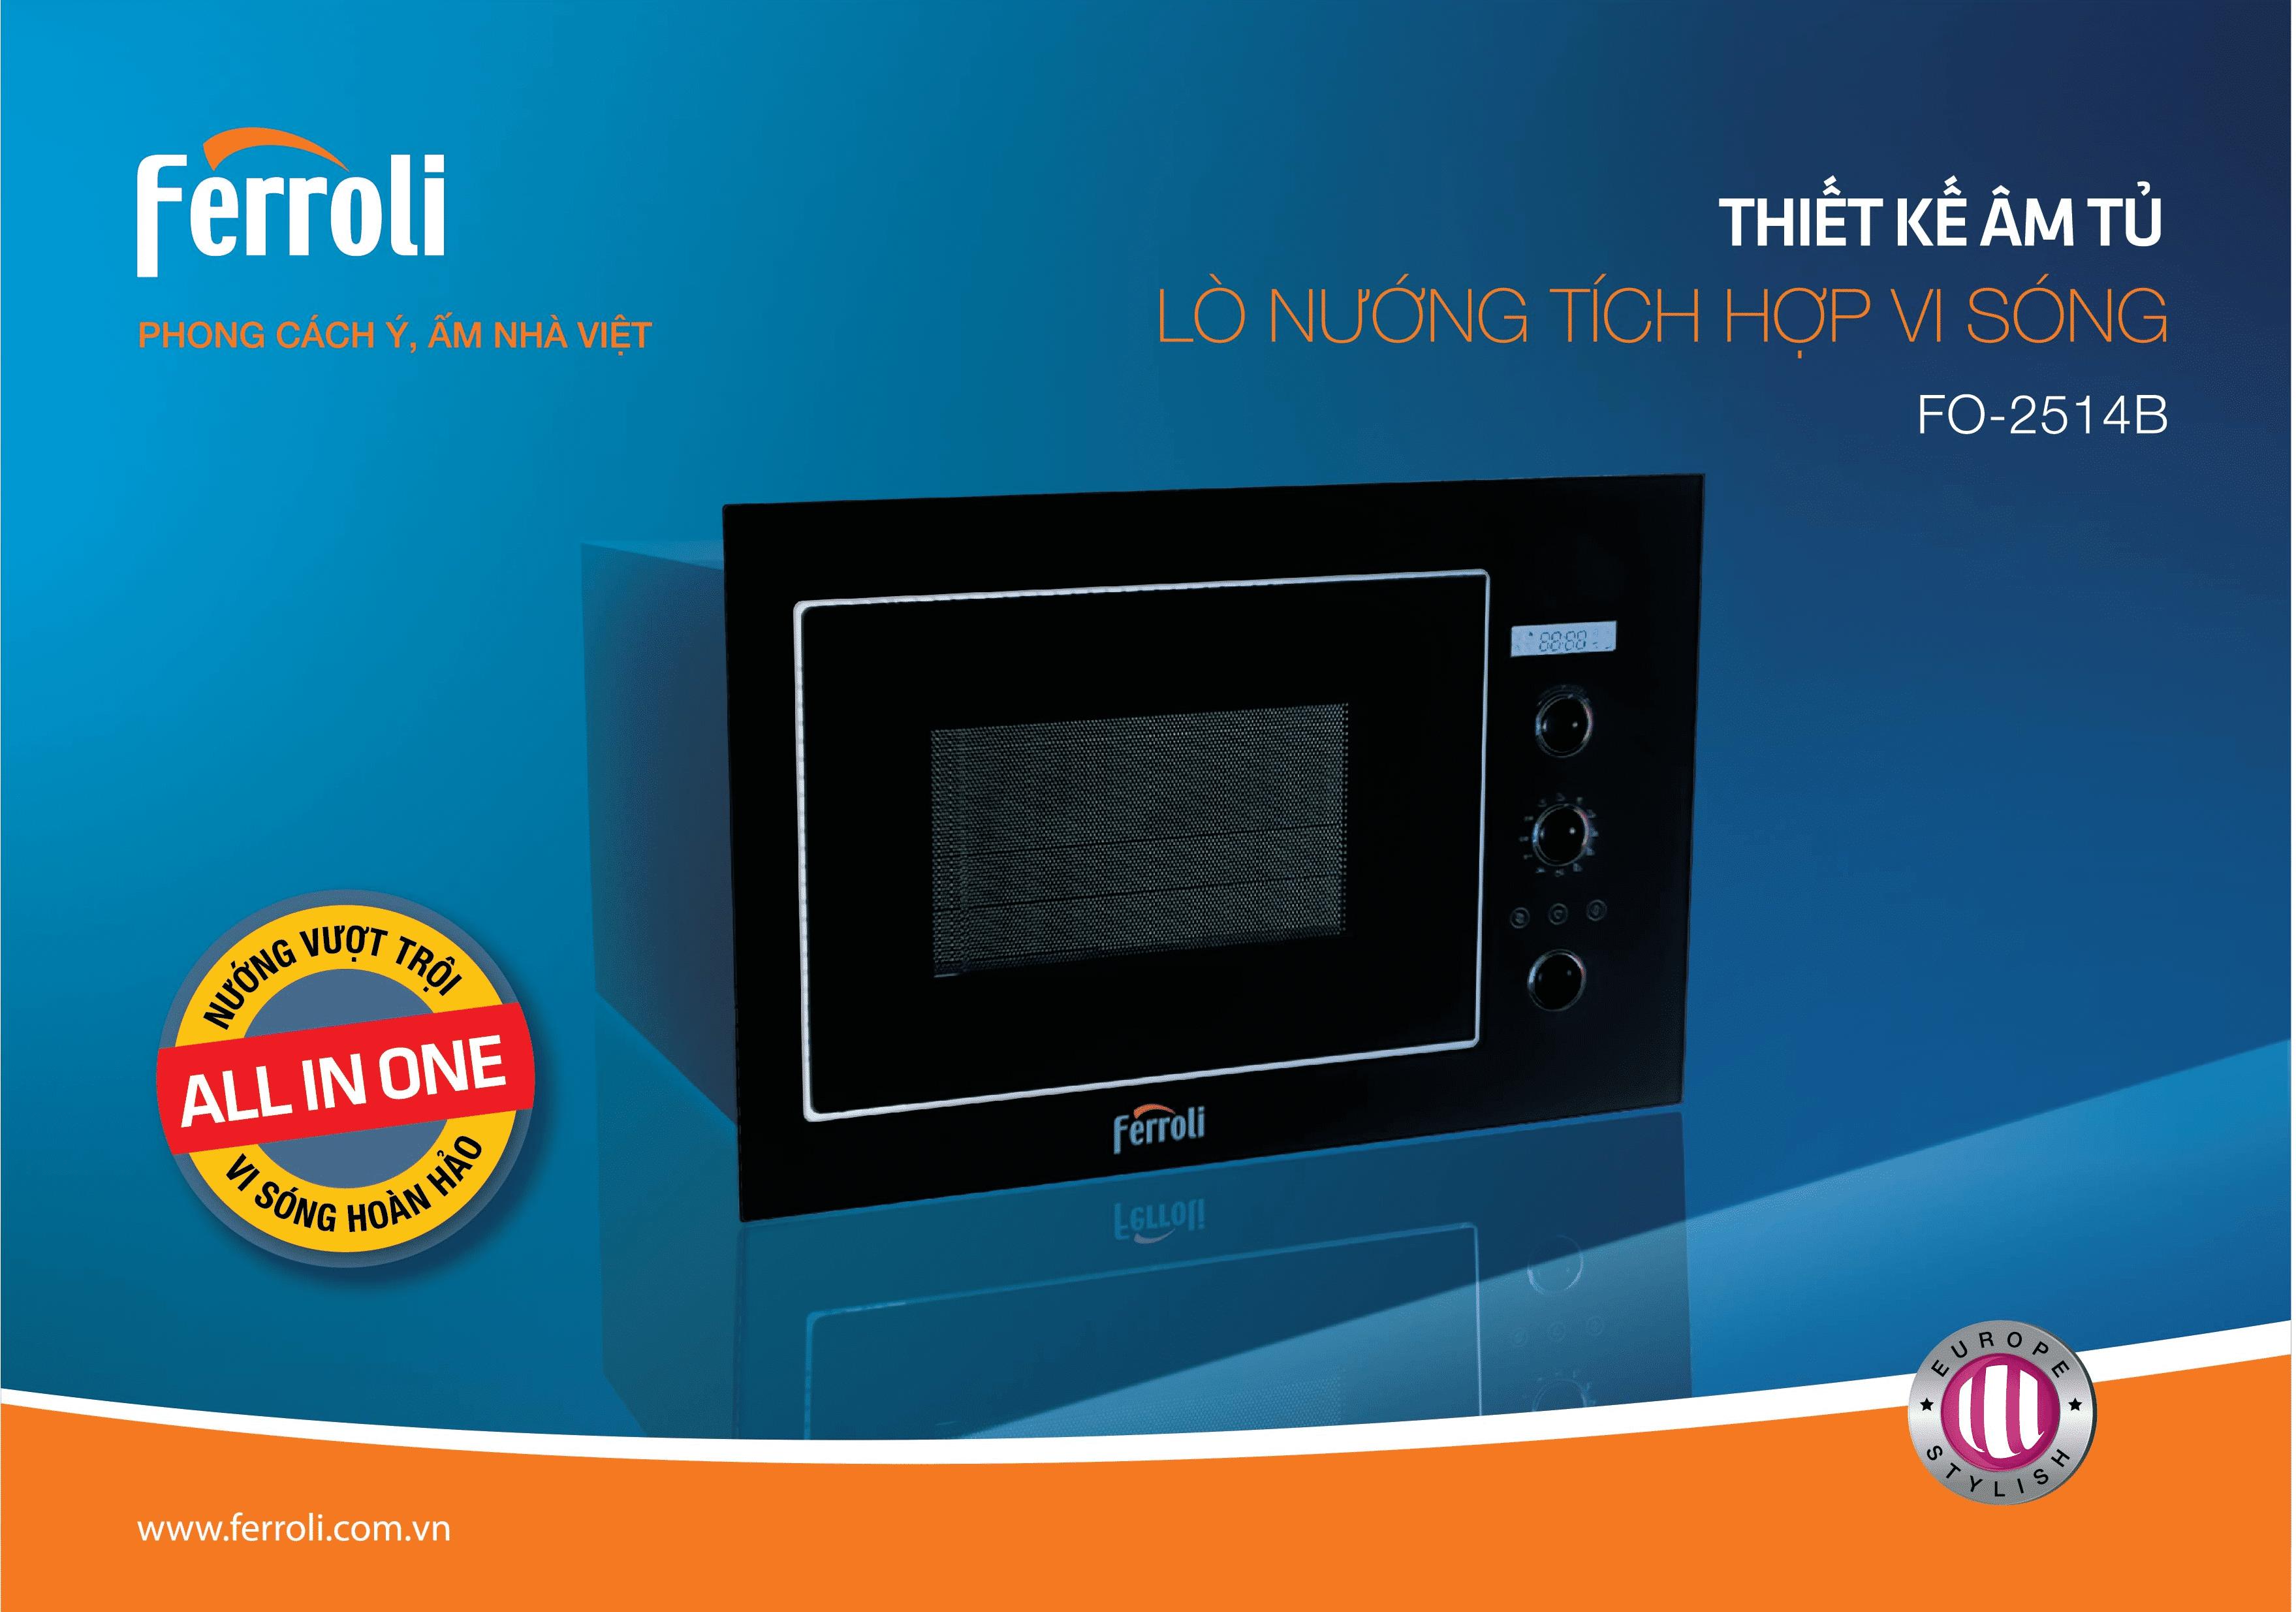 (Tiếng Việt) Lò nướng tích hợp vi sóng thiết kế âm tủ FO-2514B – lựa chọn hoàn hảo cho căn bếp hiện đại